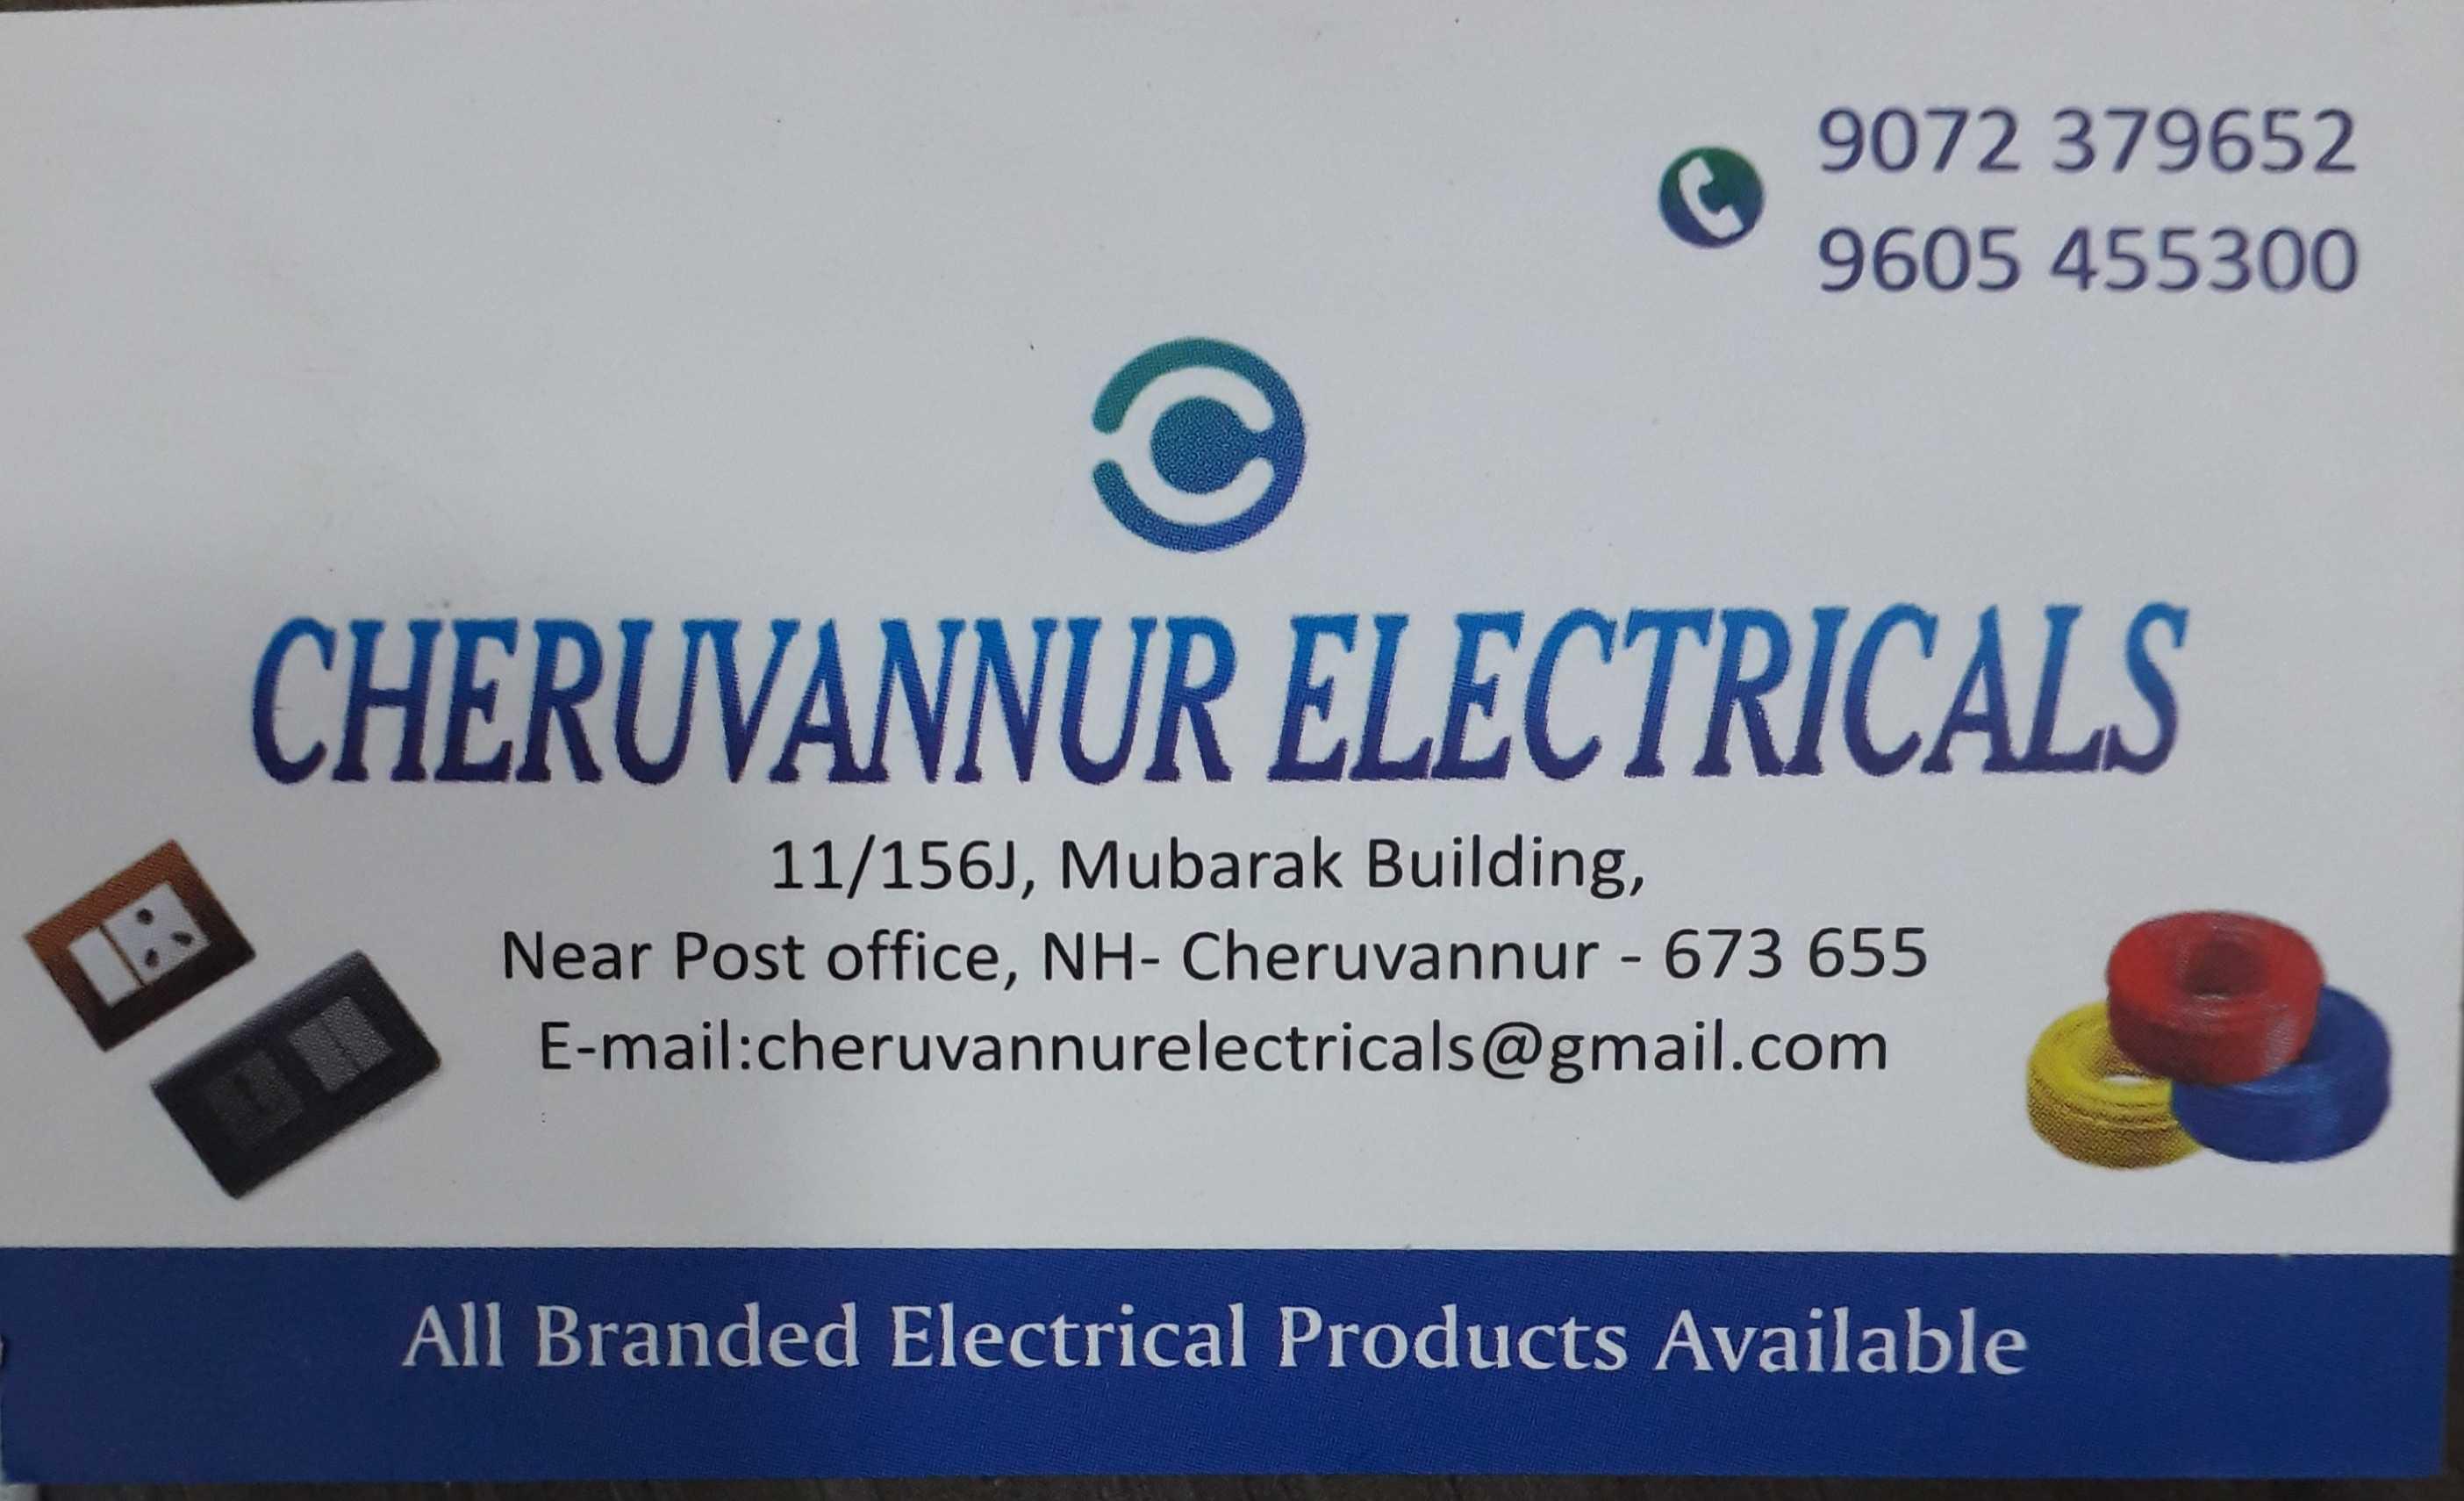 CHERUVANNUR ELECTRICALS, ELECTRICAL / PLUMBING / PUMP SETS,  service in Cheruvannur, Kozhikode